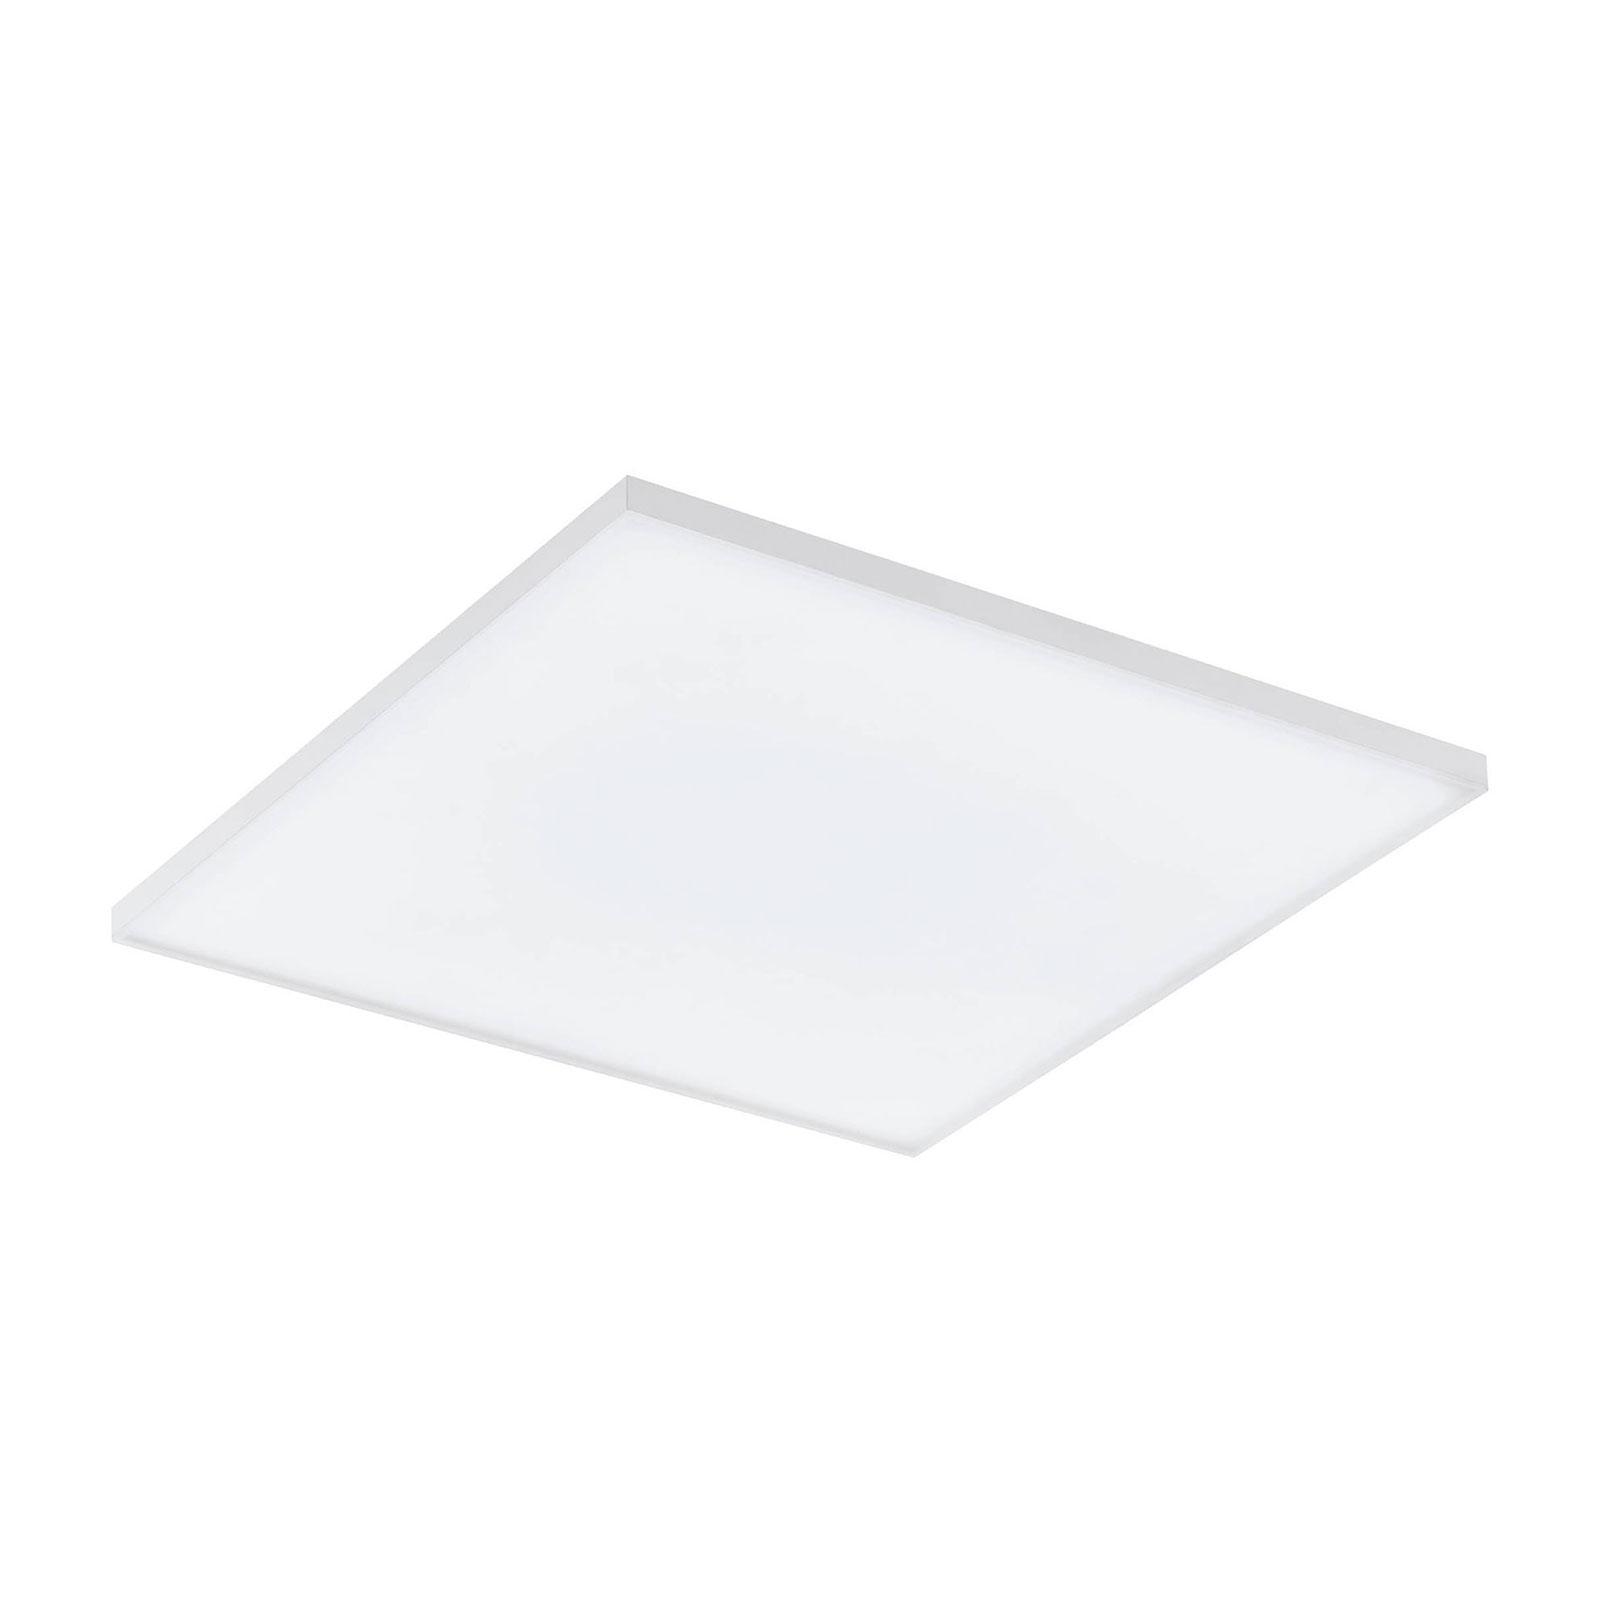 EGLO connect Turcona-C lampa sufitowa LED 45x45 cm